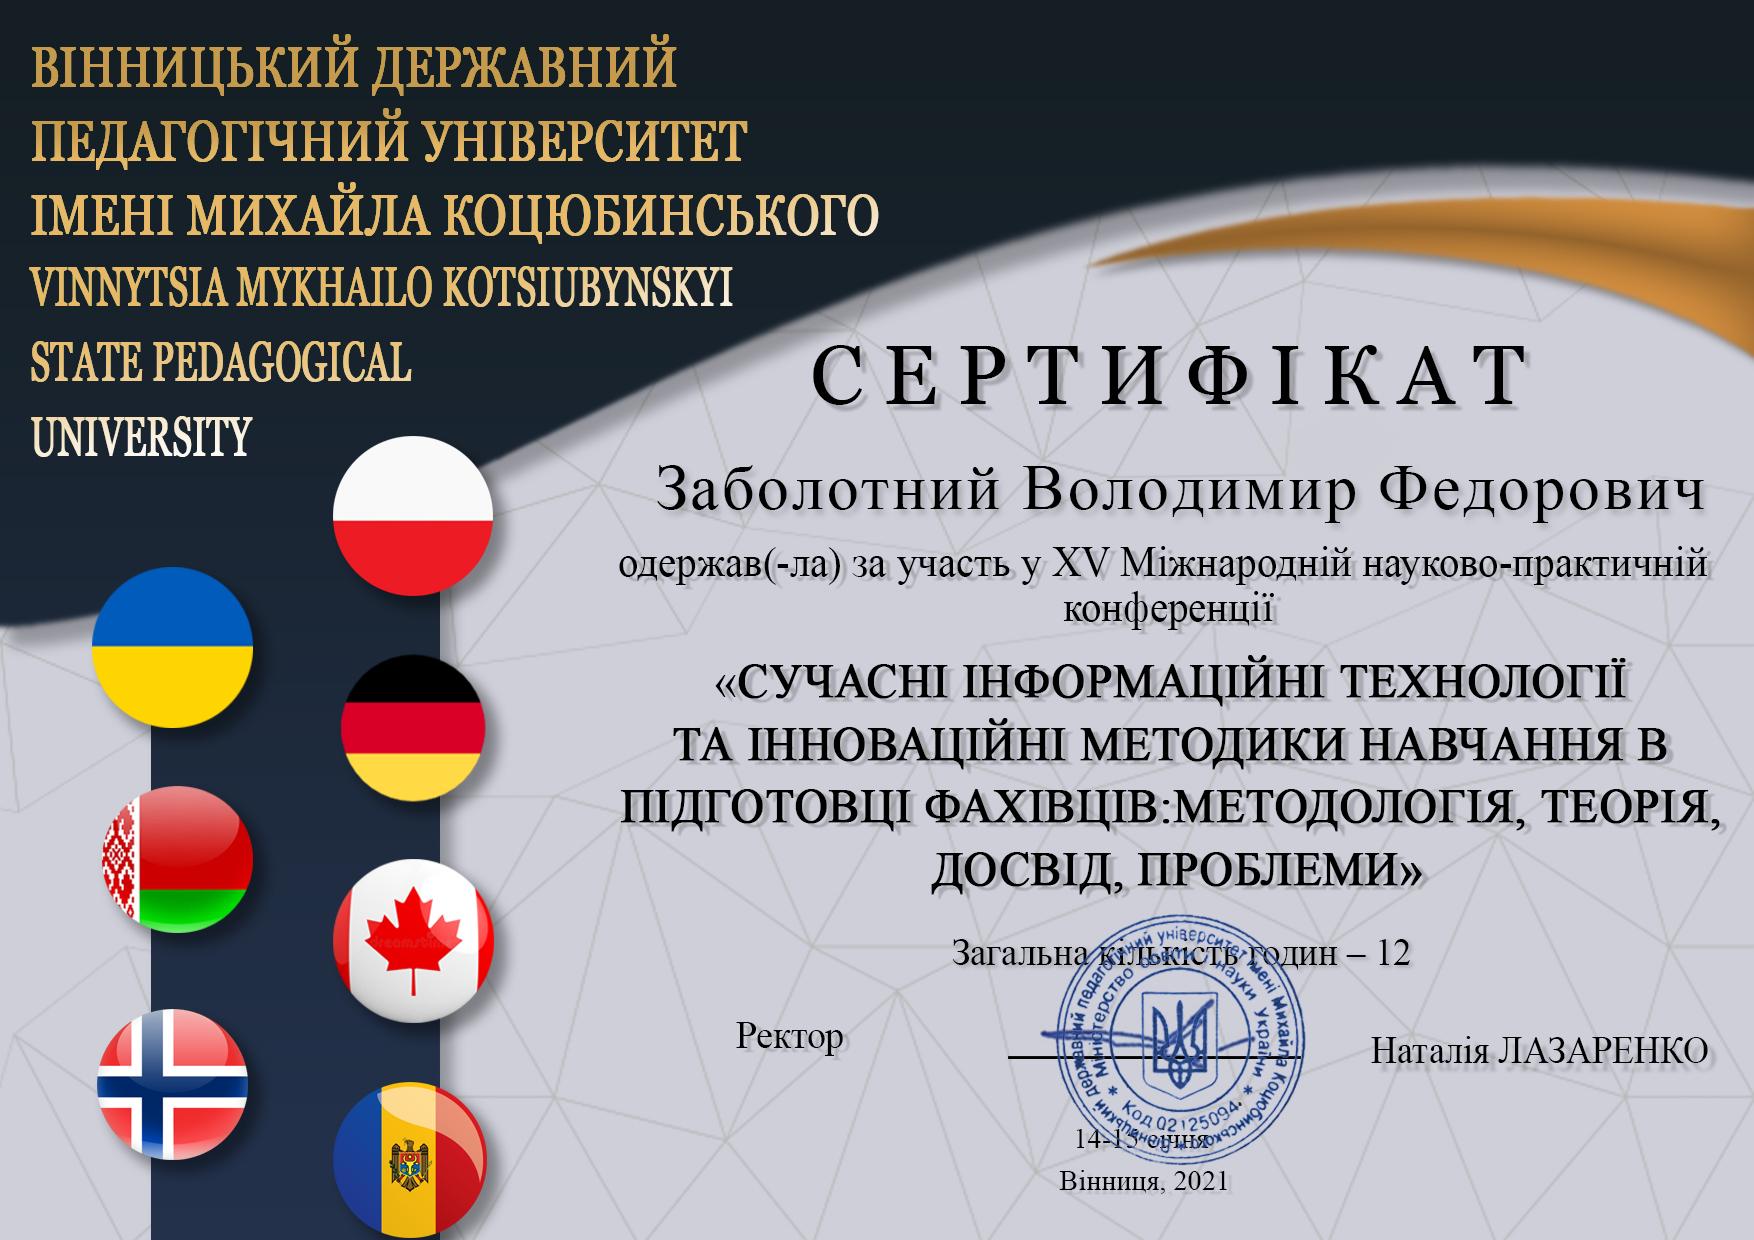 Заболотний Володимир Федорович